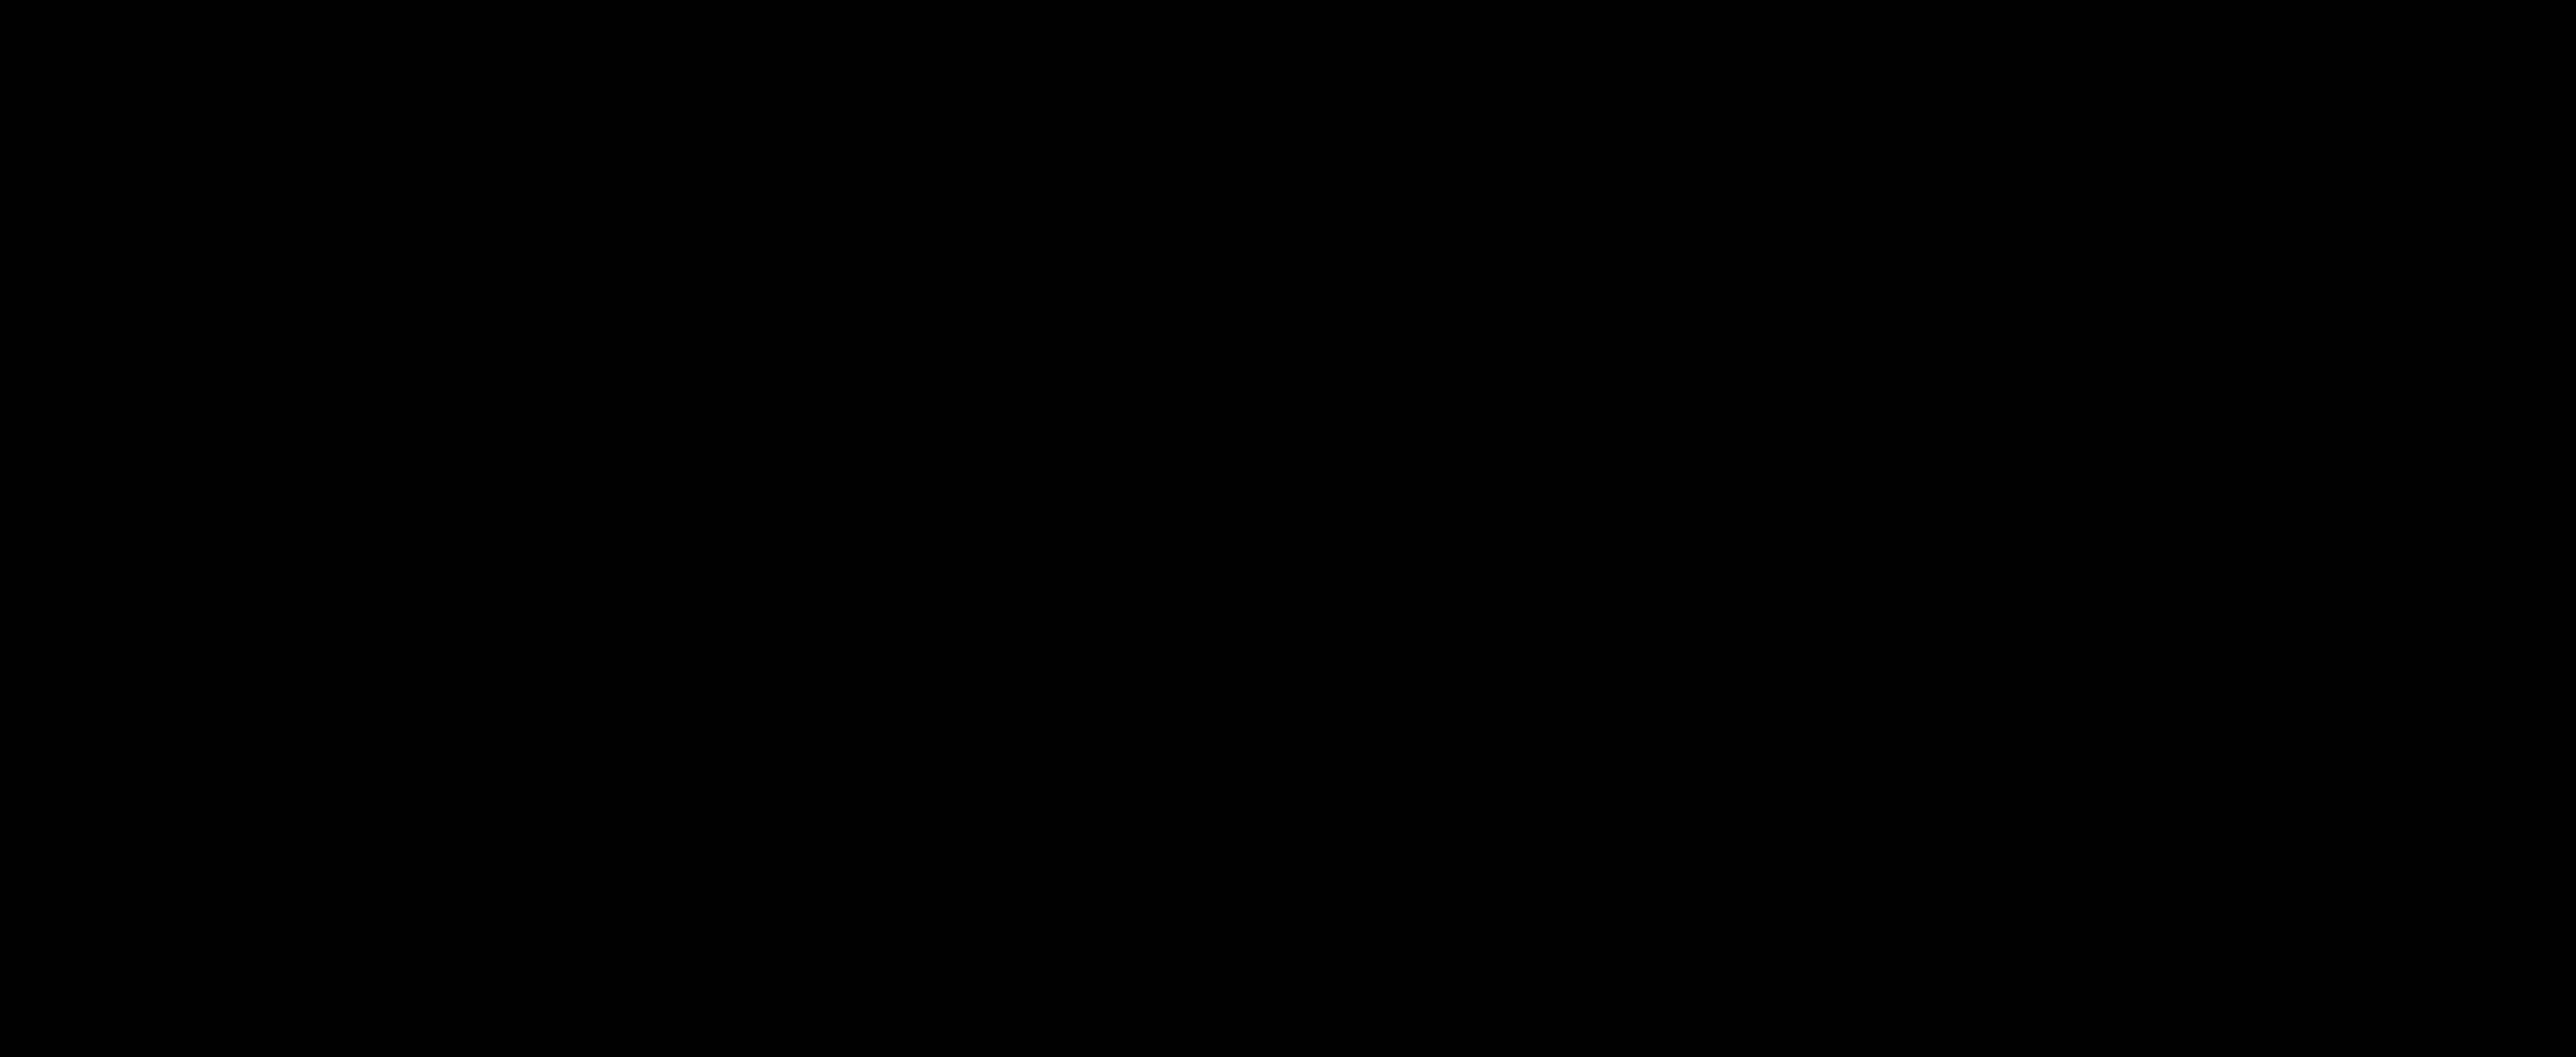 Hội Trại Sinh Viên Sáng Tạo 2019 (IU Innovation Camp 2019)